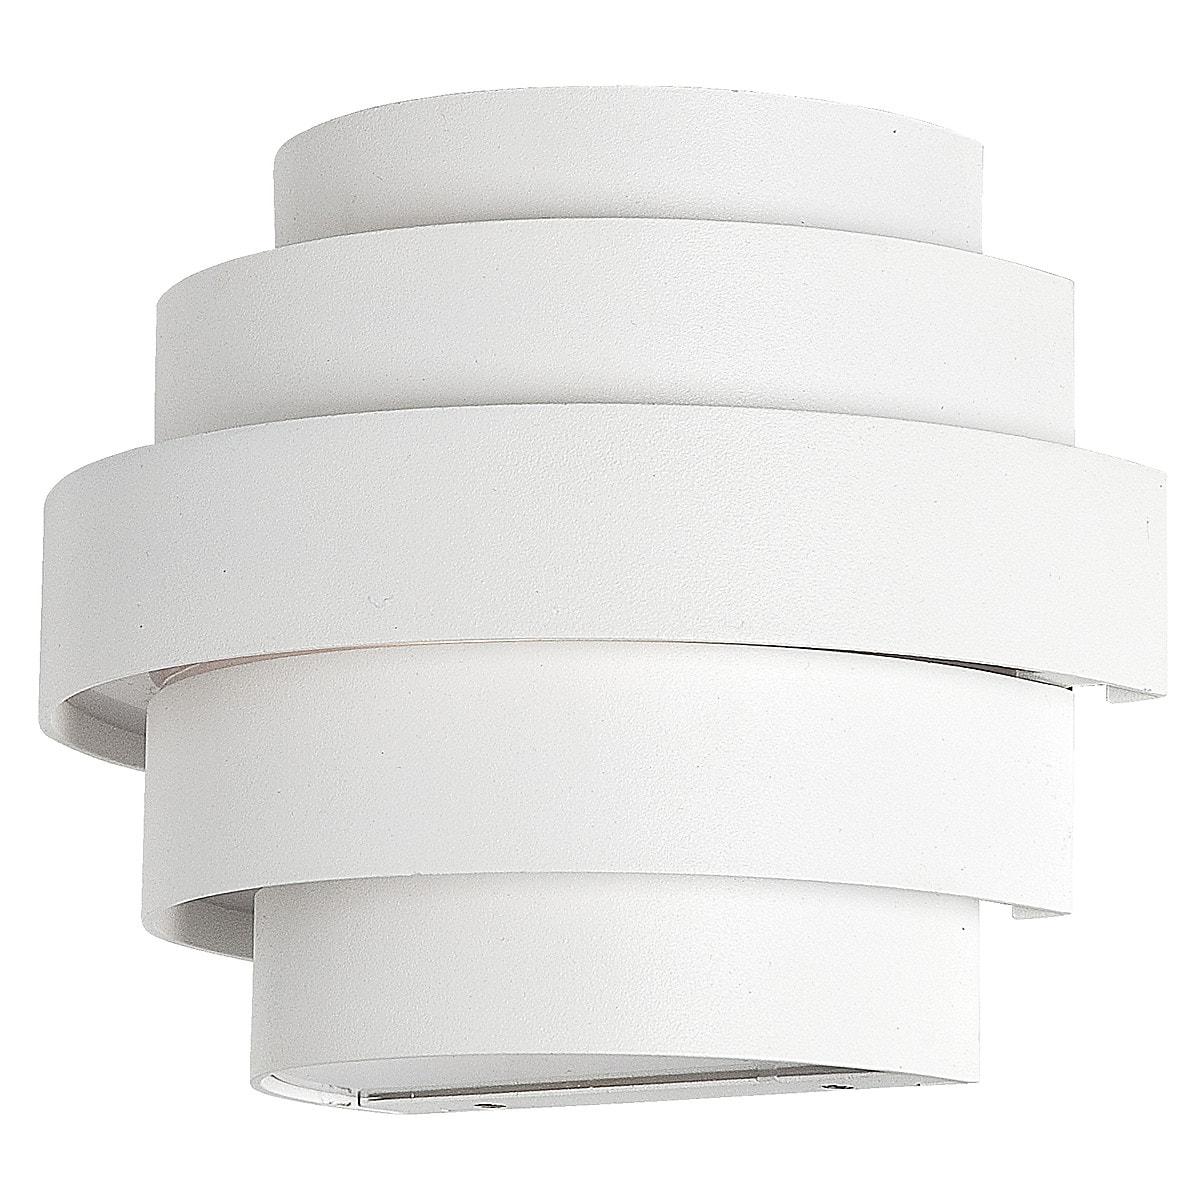 Väggspotlight LED Nora Airam